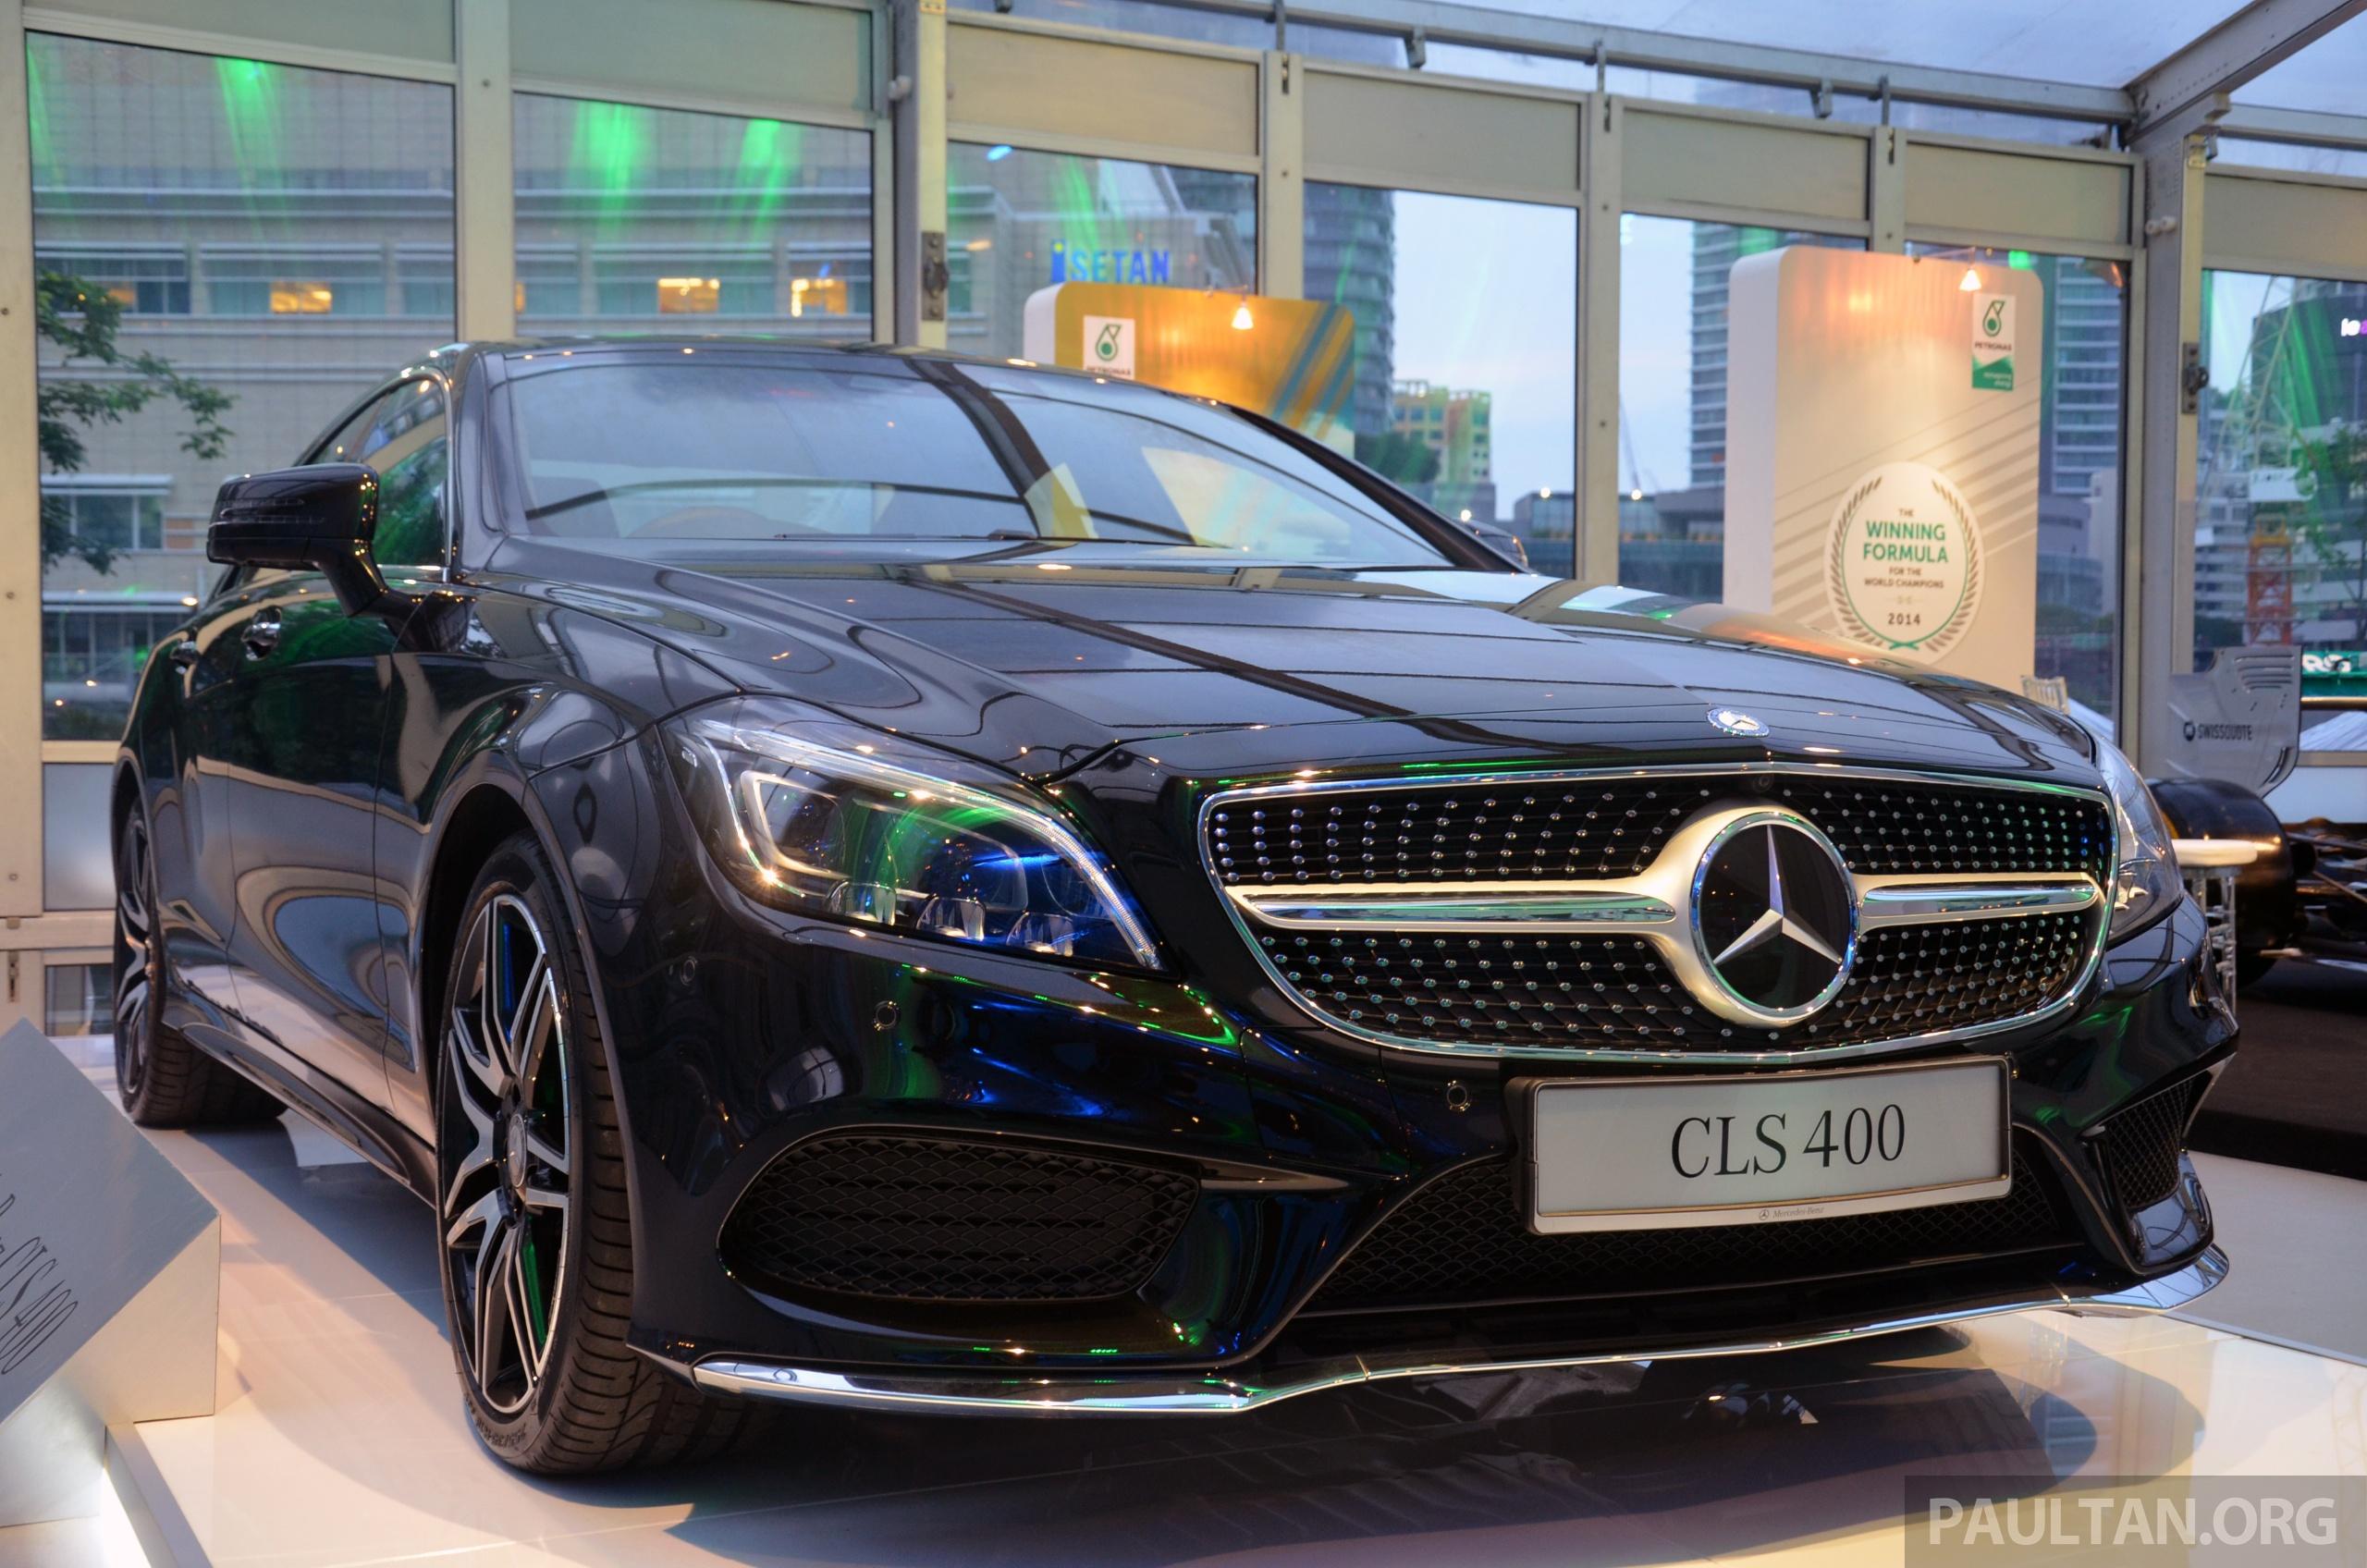 2015 Mercedes-Benz CLS-Class First Drive - Motor Trend